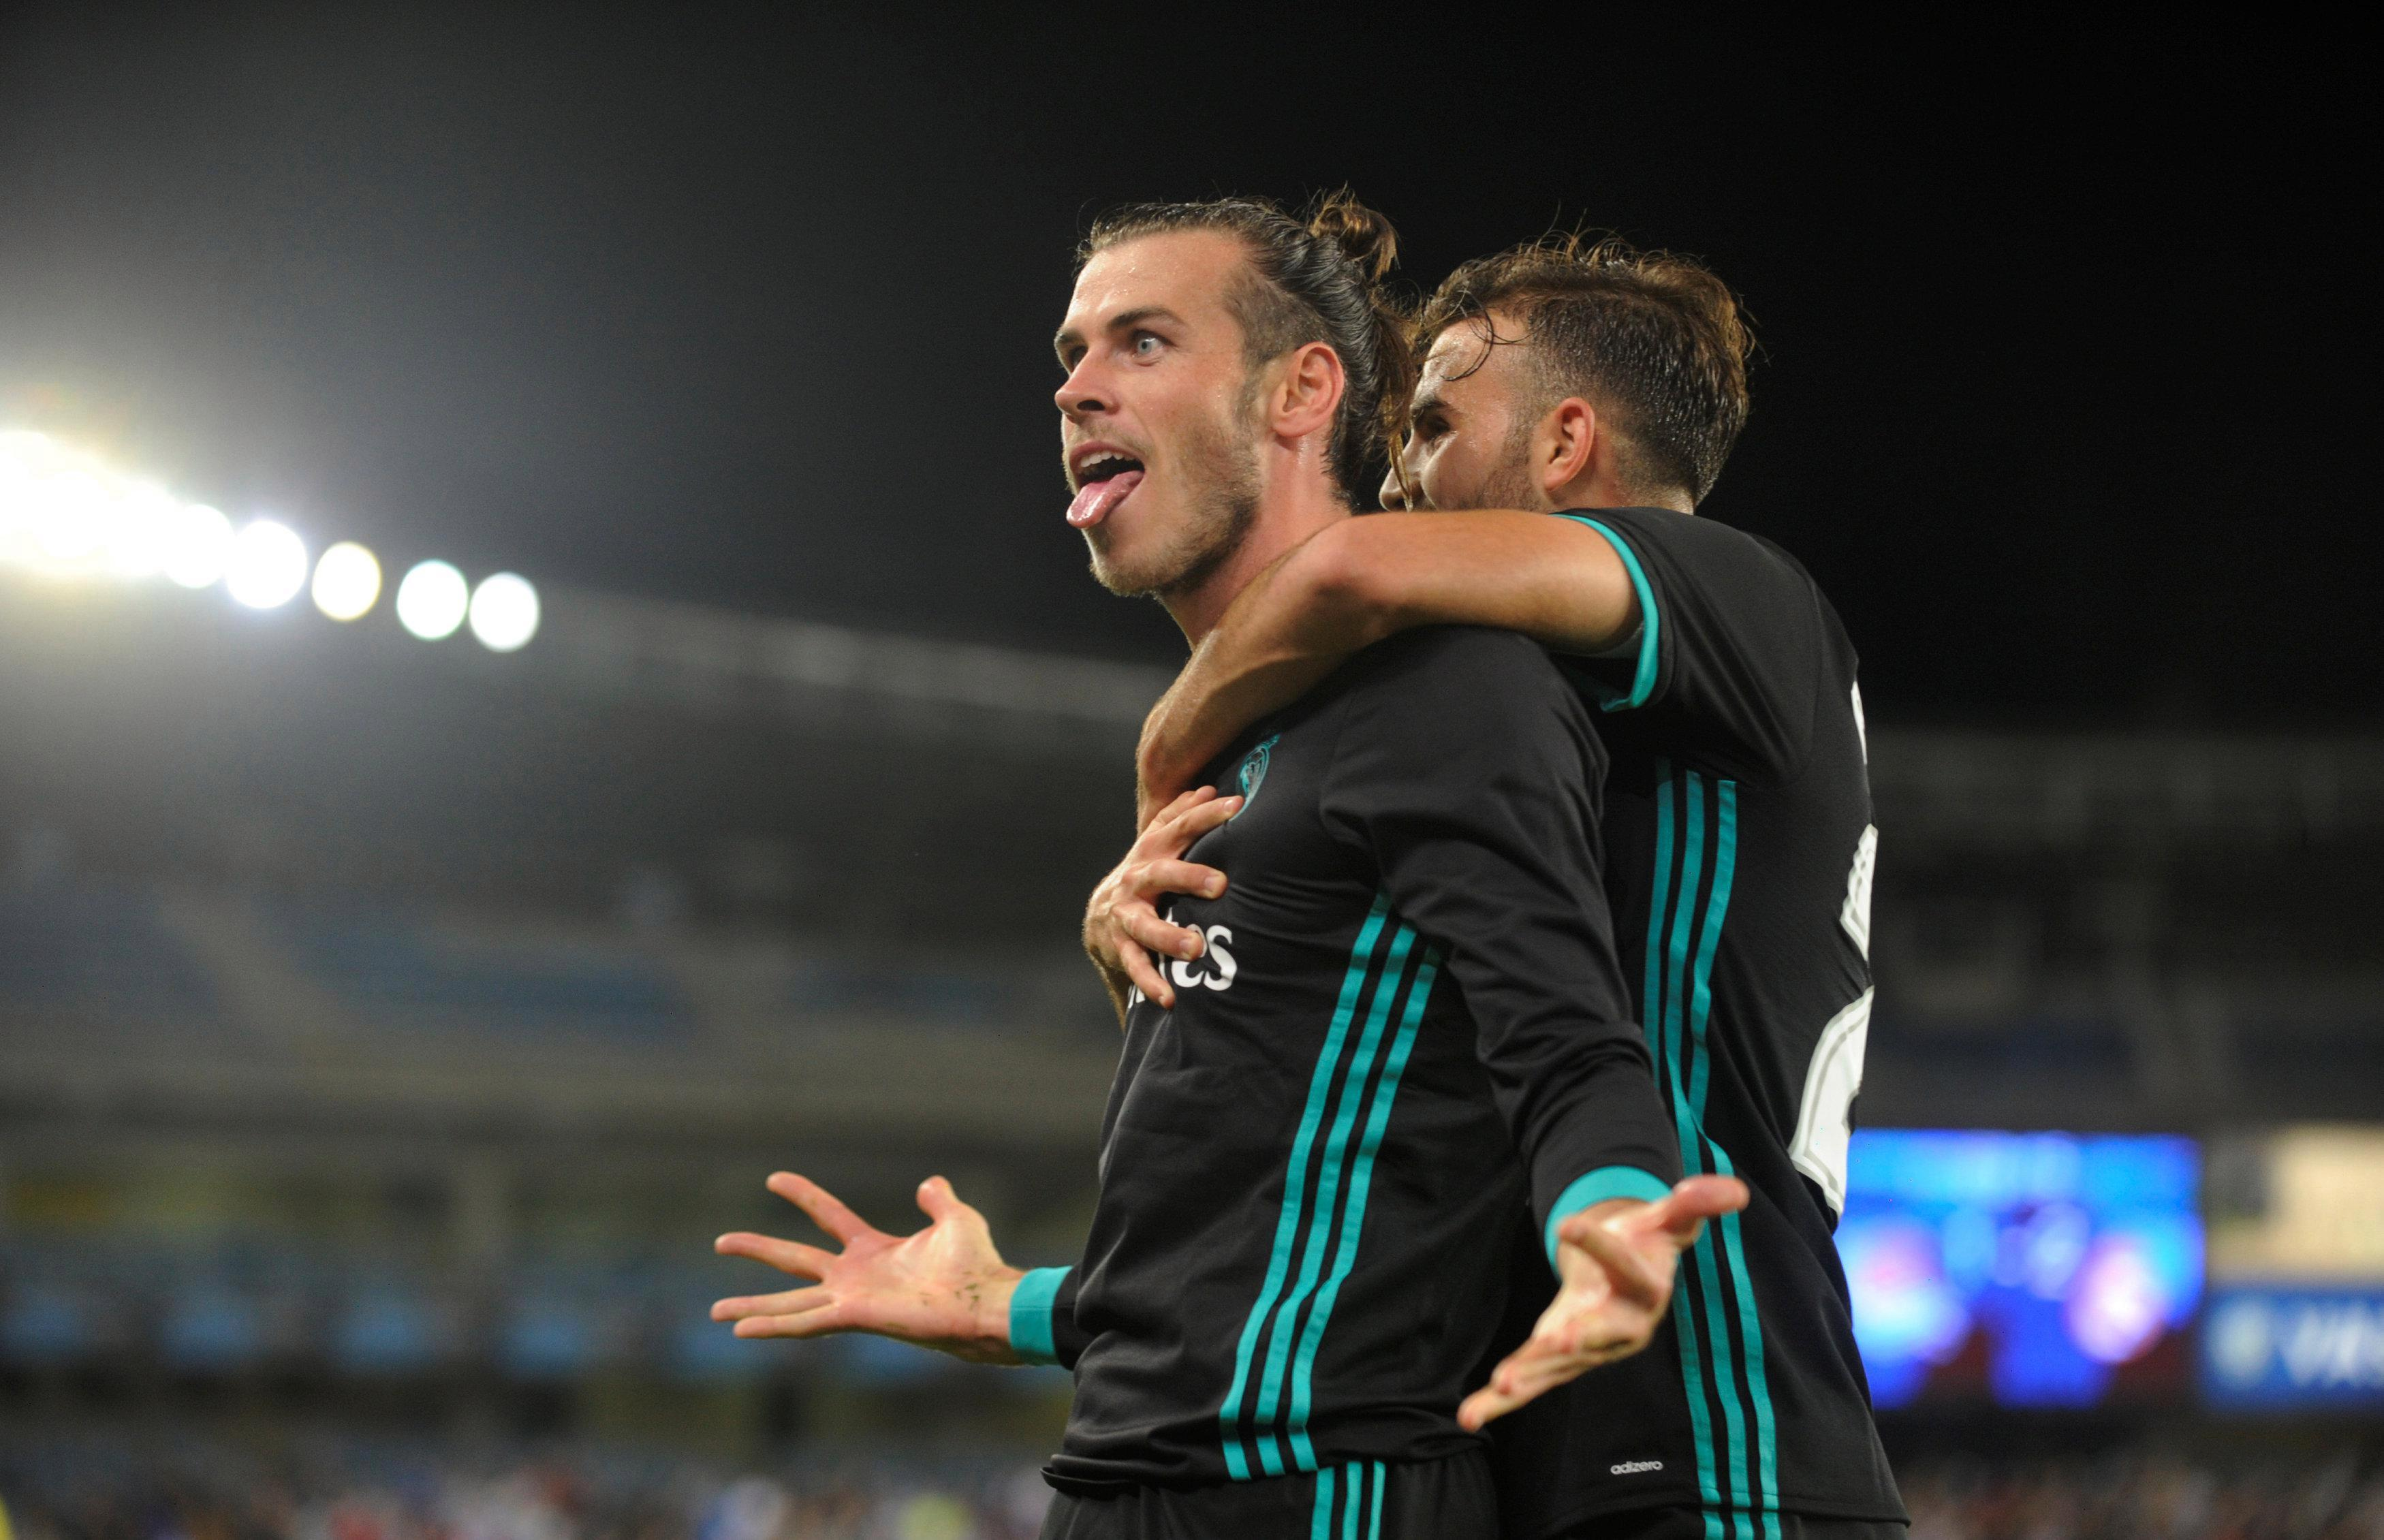 Bale broke a La Liga record in the process